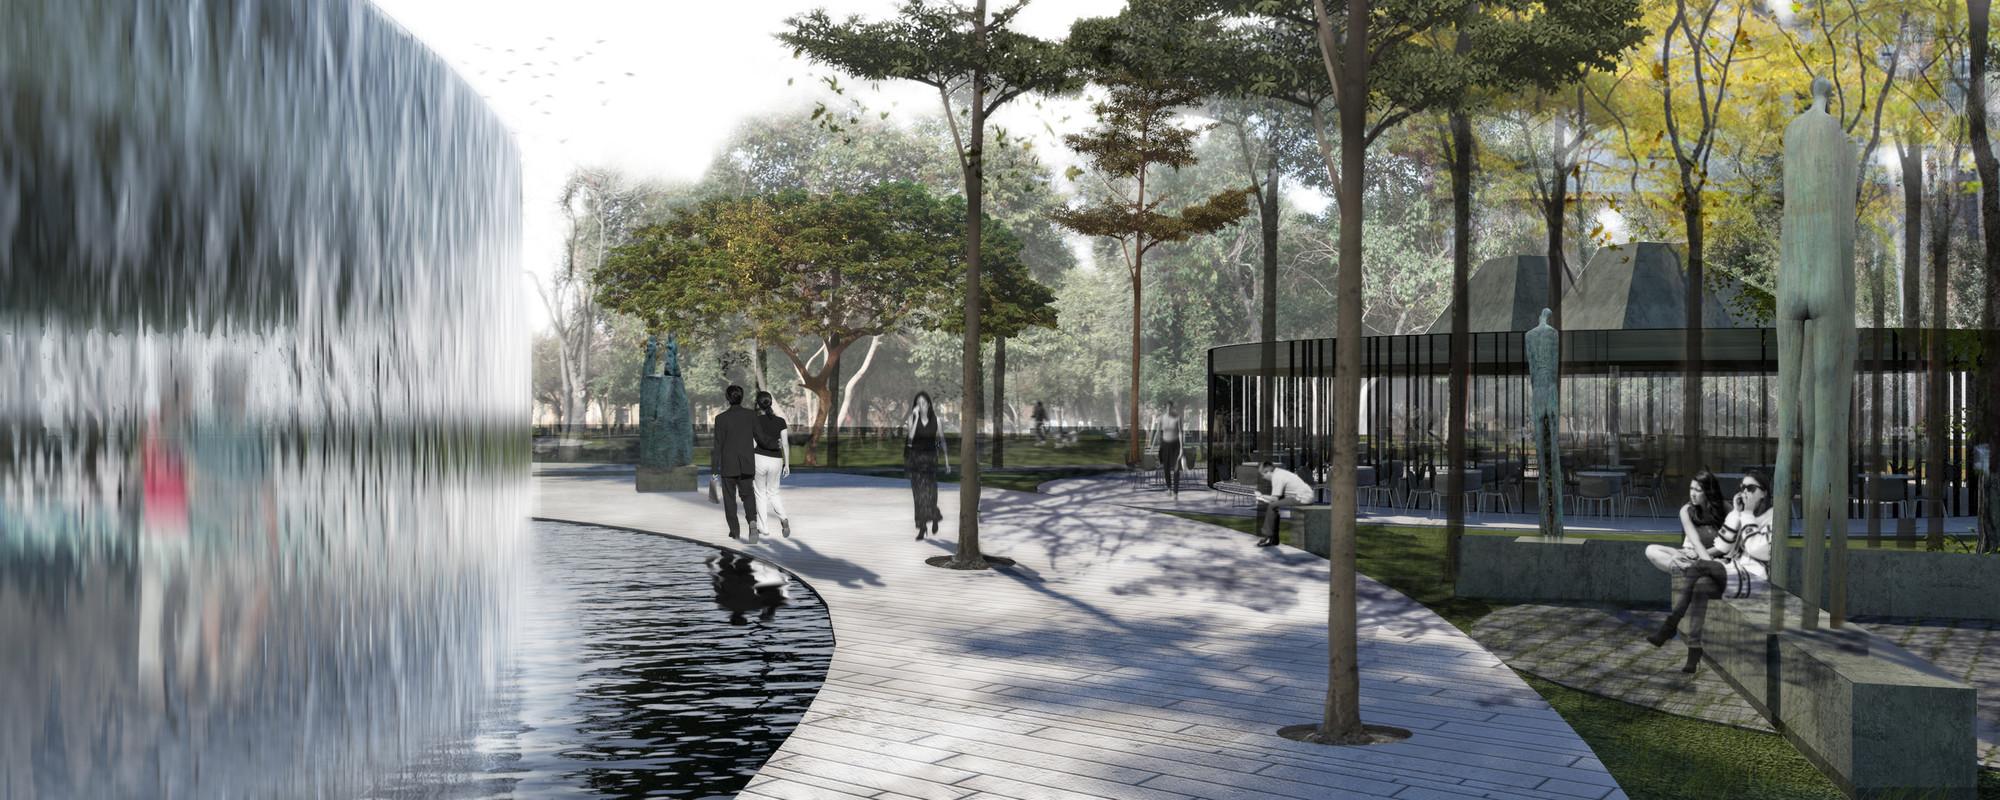 Parque y cafetería. Image Cortesia de Gerardo Valle P. Arquitectos Asociados + Winckler Arquitectos Asociados